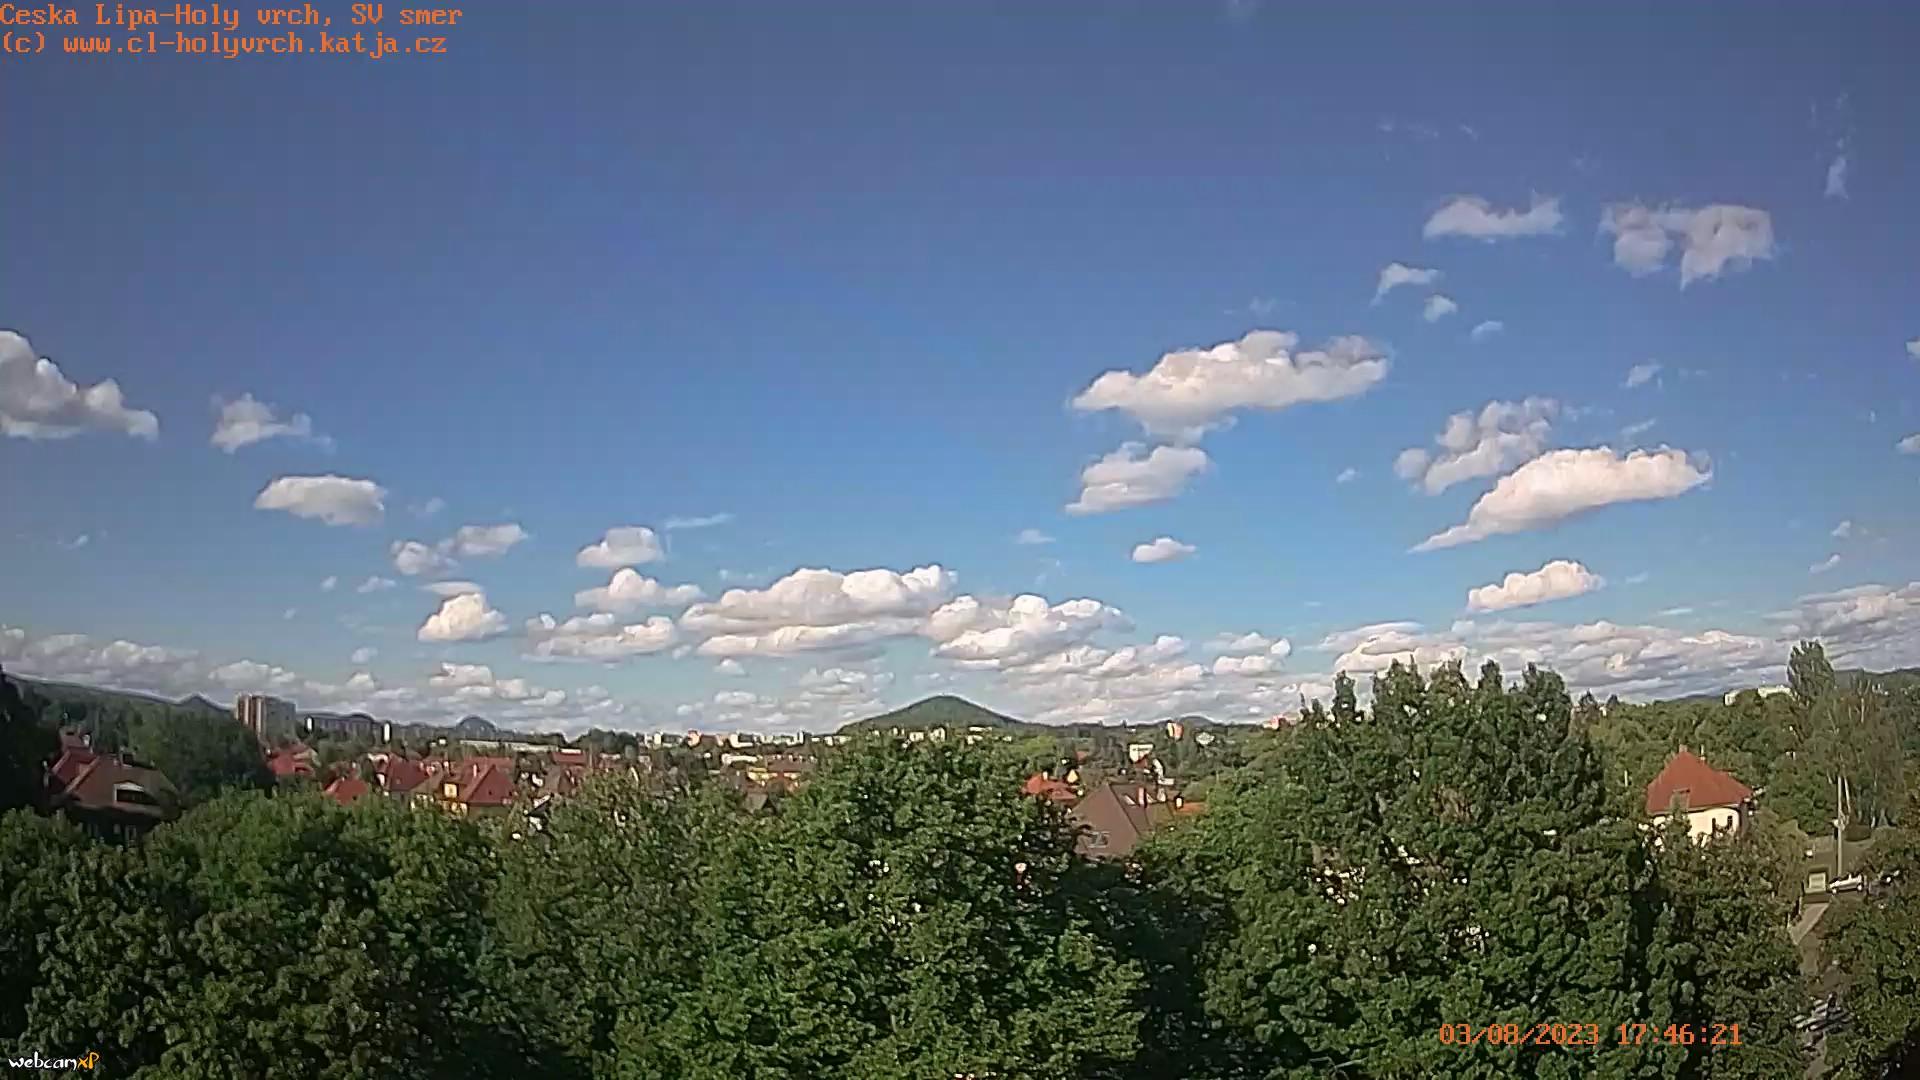 Webcam Česká Lípa-Holý vrch